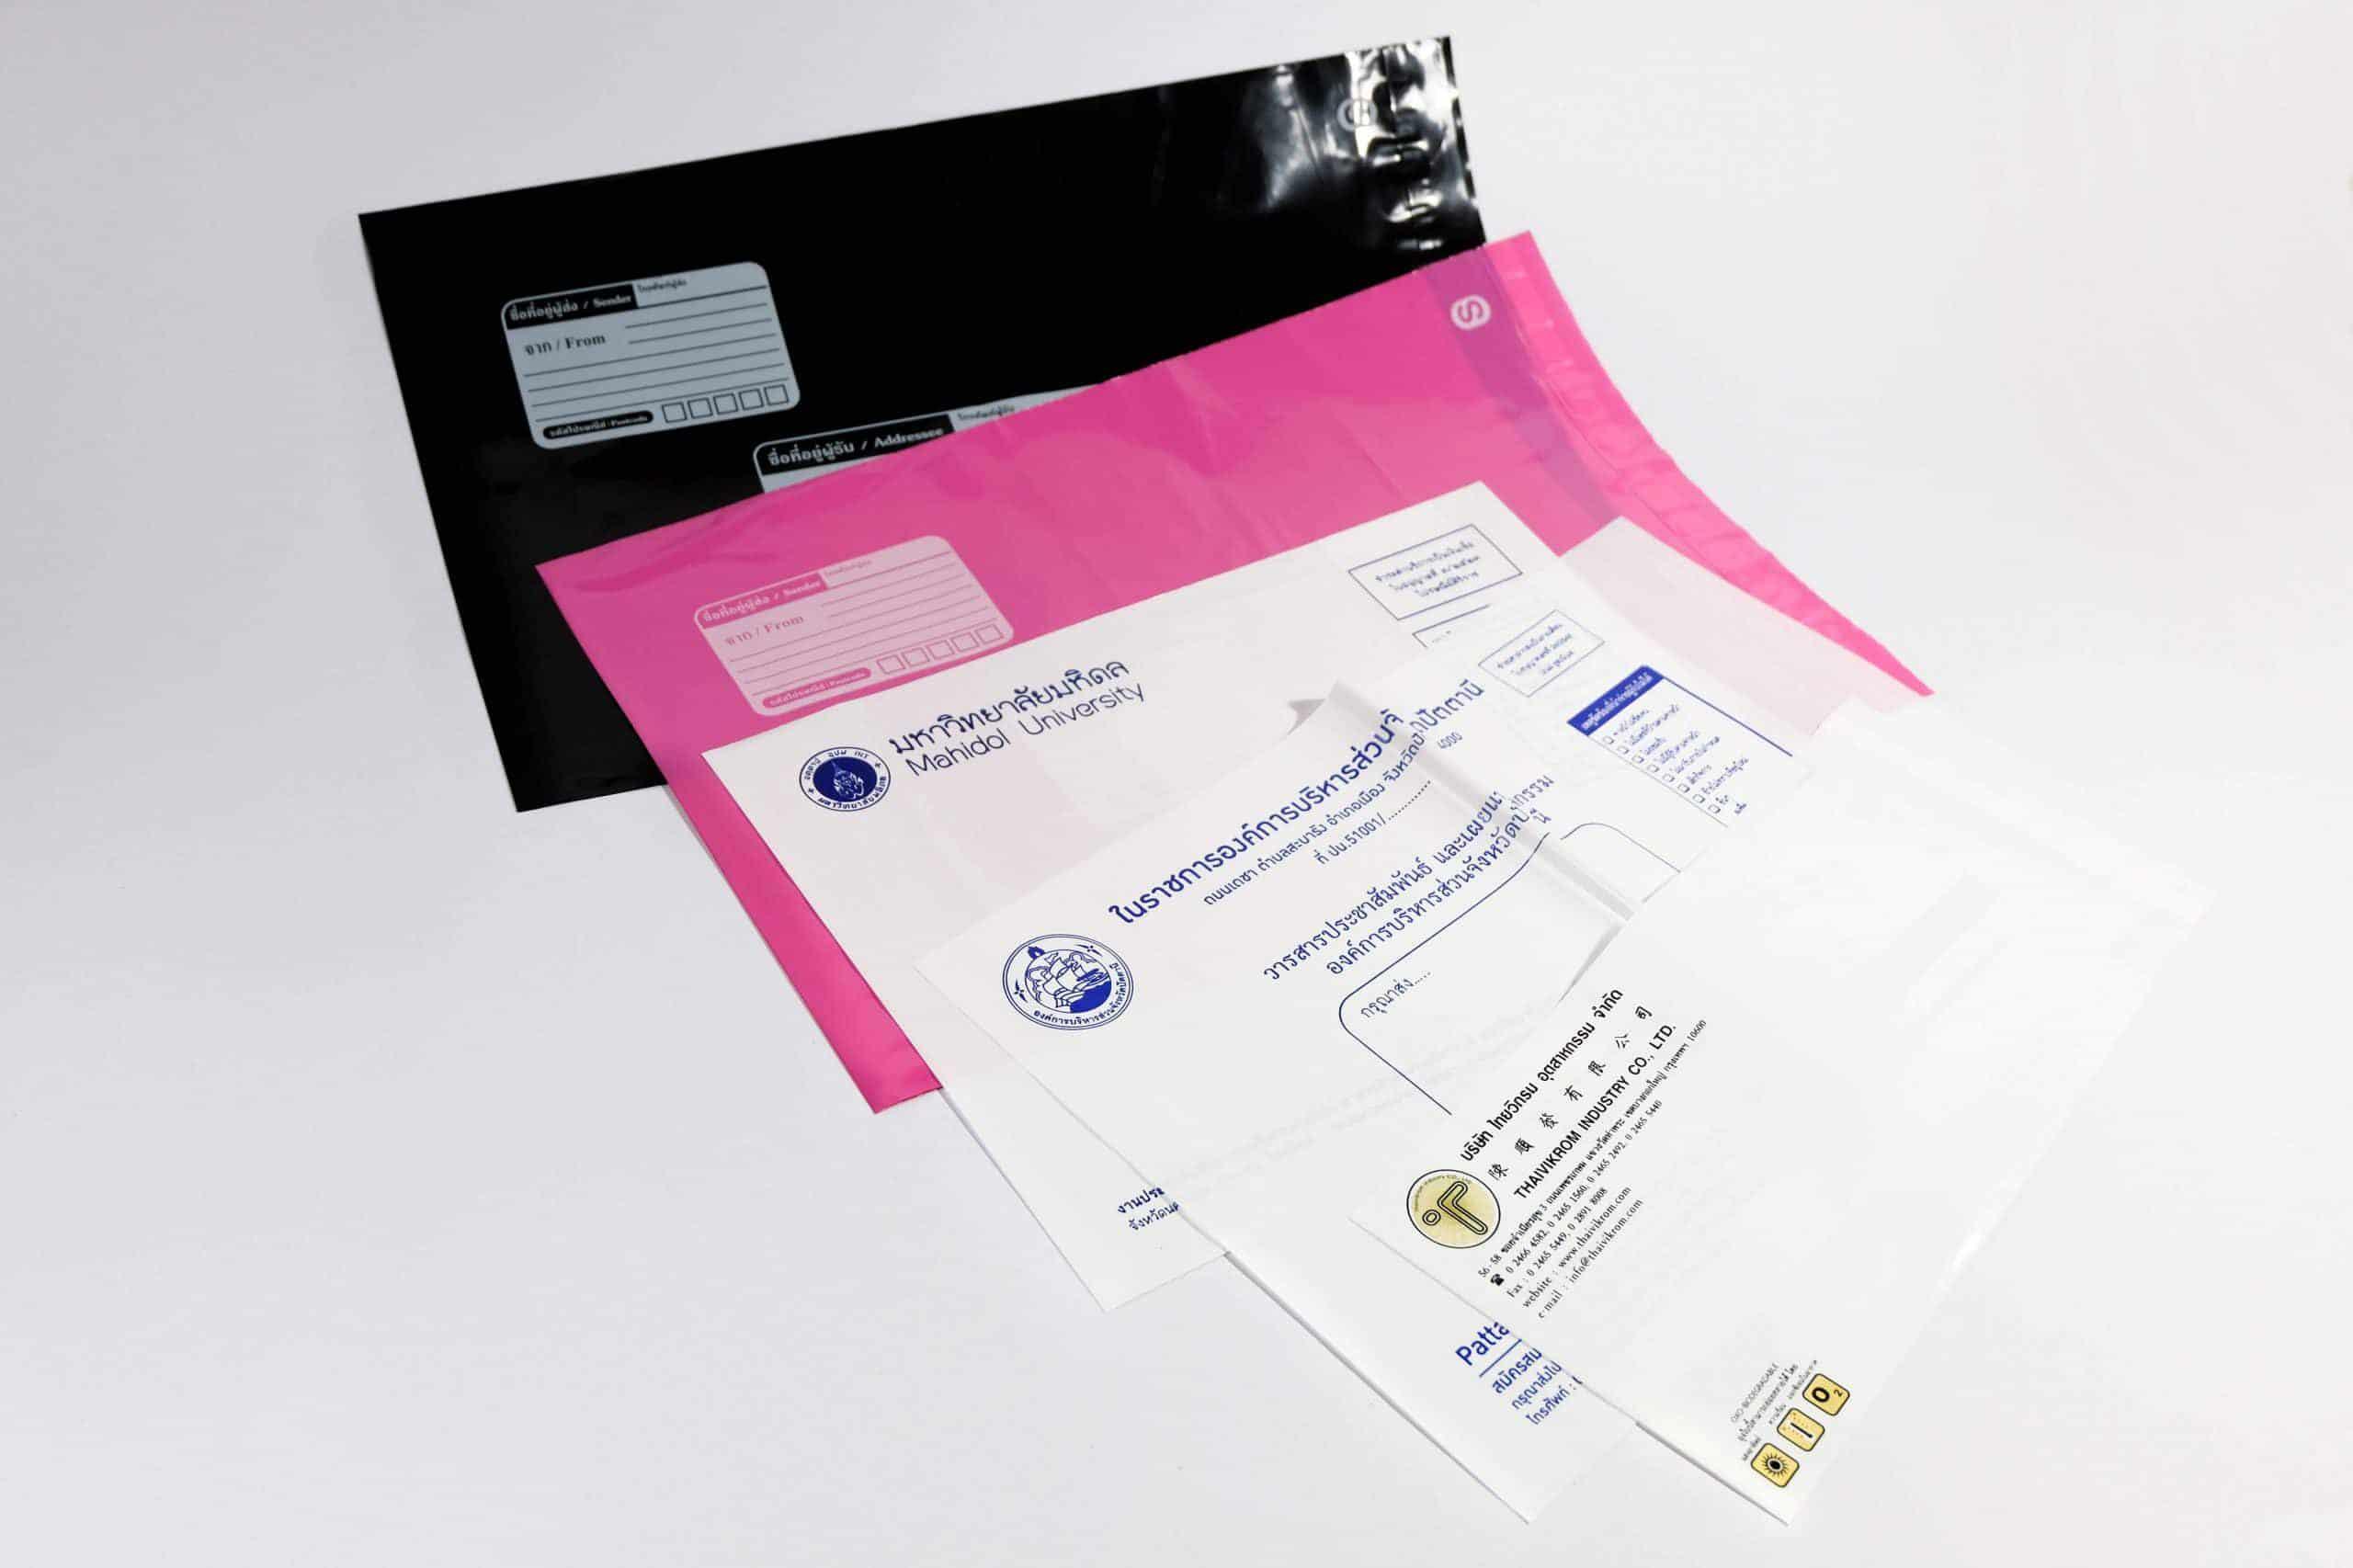 ซองไปรษณีย์ ซองเอกสาร พิมพ์ลาย